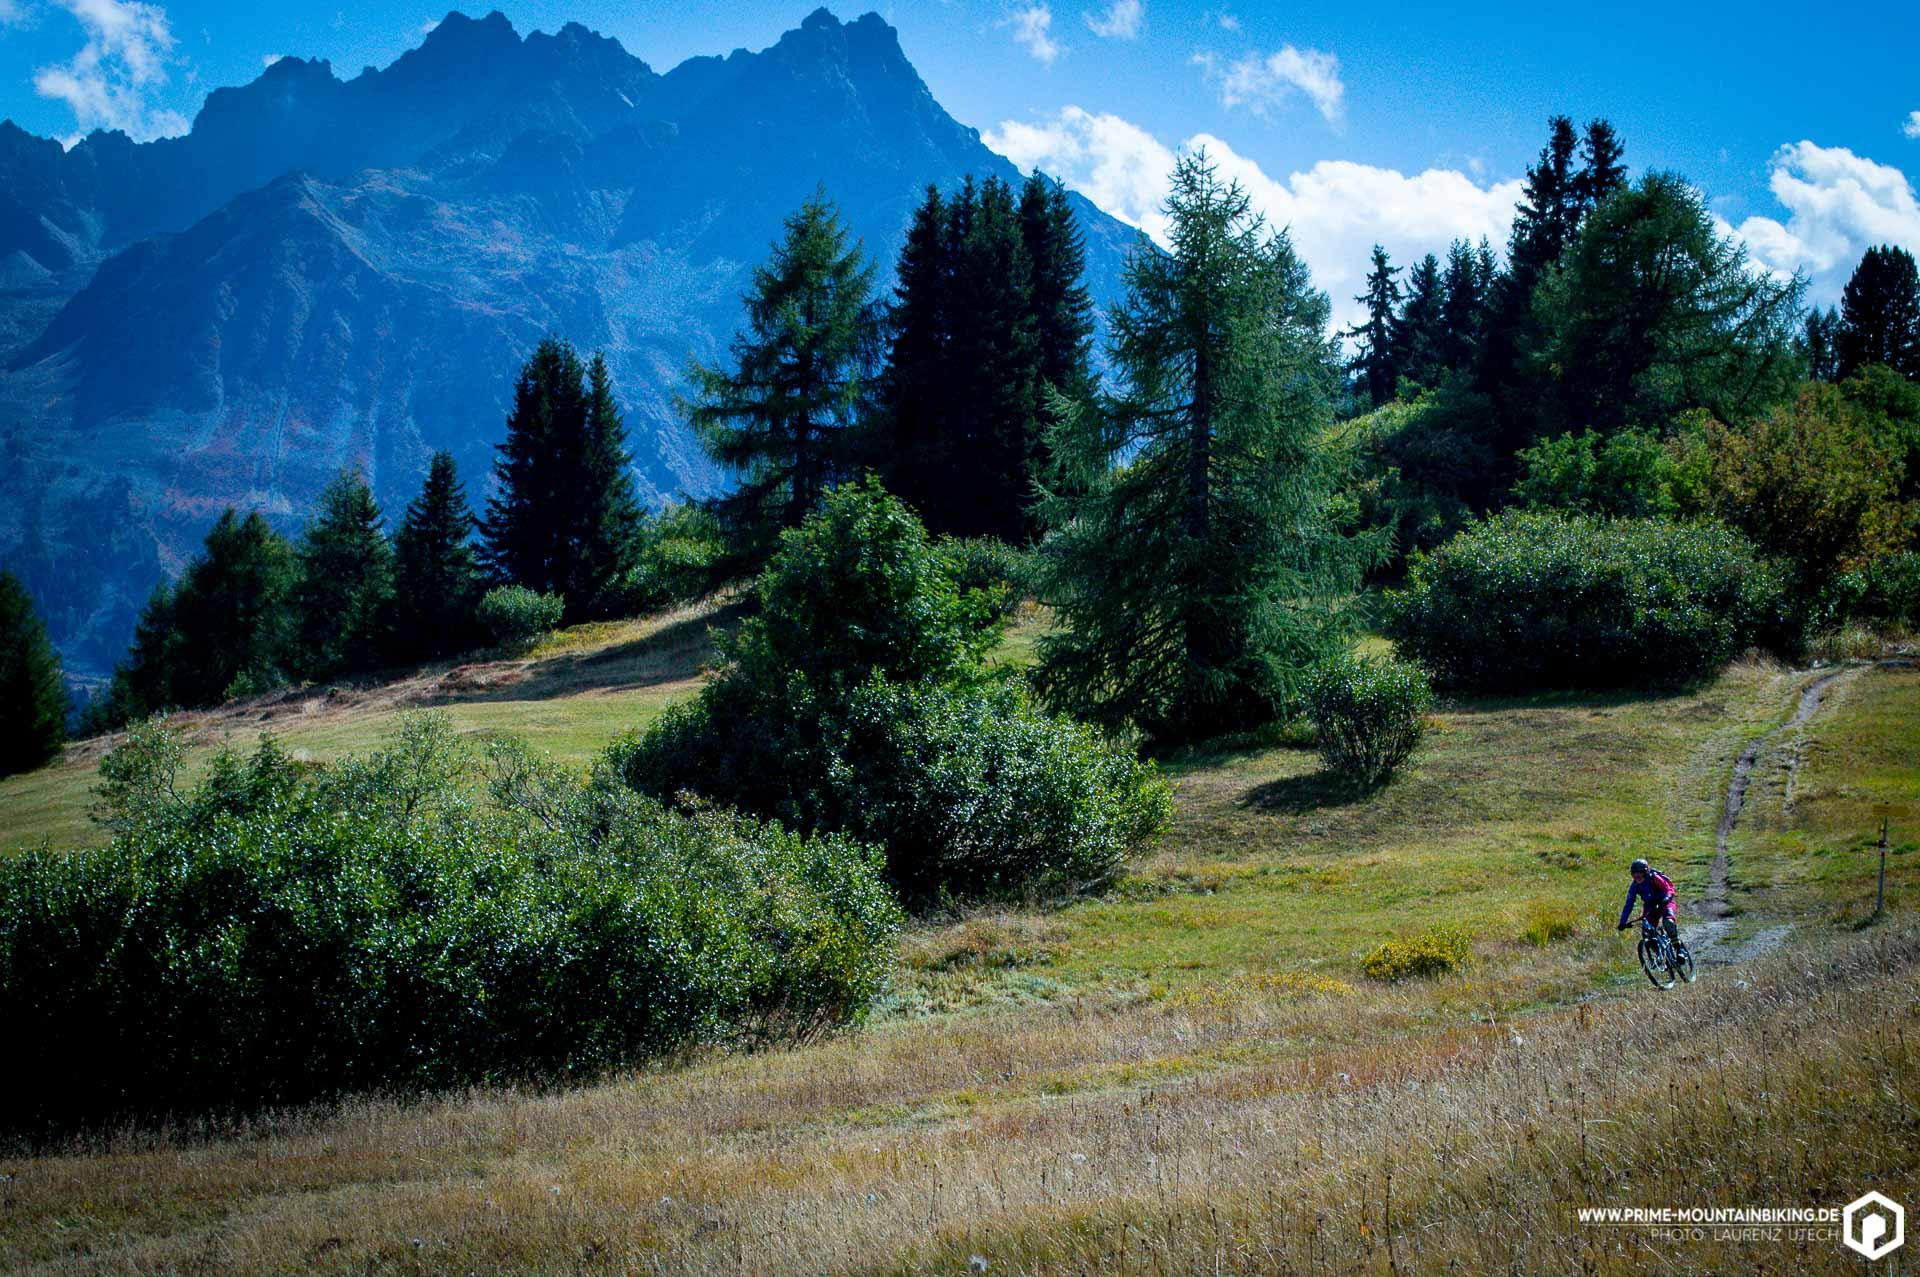 Die 3-Länder Enduro Trails sind der Traum eines jeden Mountainbikers: Angelegte Trails mit naturbelassenem Charakter, endlos lang und für alle Könnensstufen ist das richtige dabei. Ach und das Panorama stimmt auch!